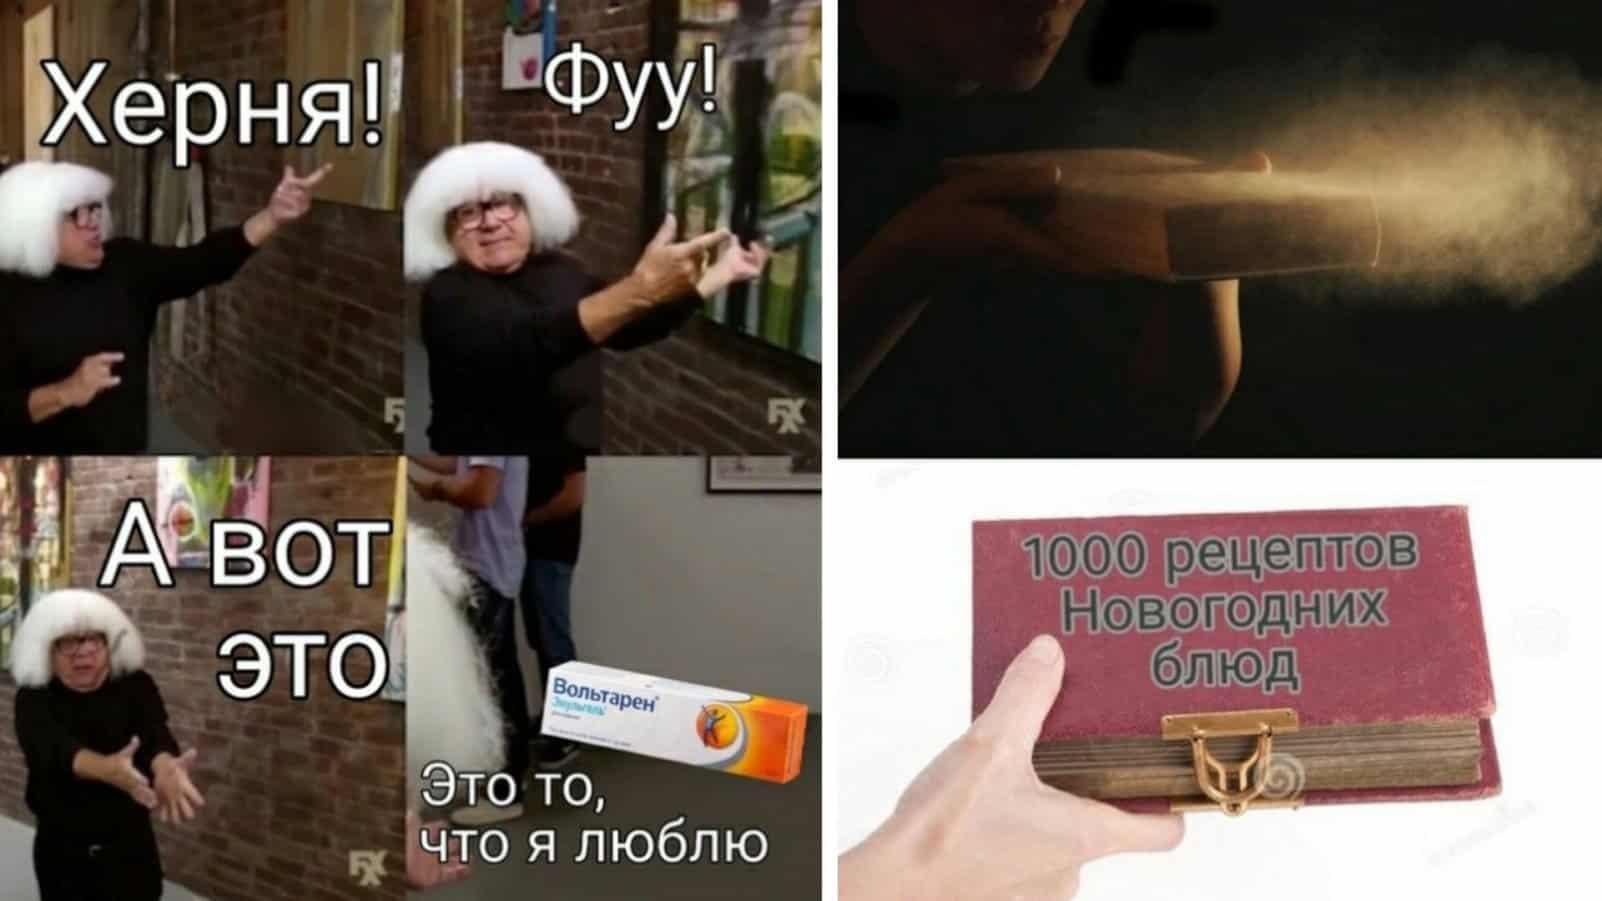 Мемы для пенсионеров книга новогодних рецептов